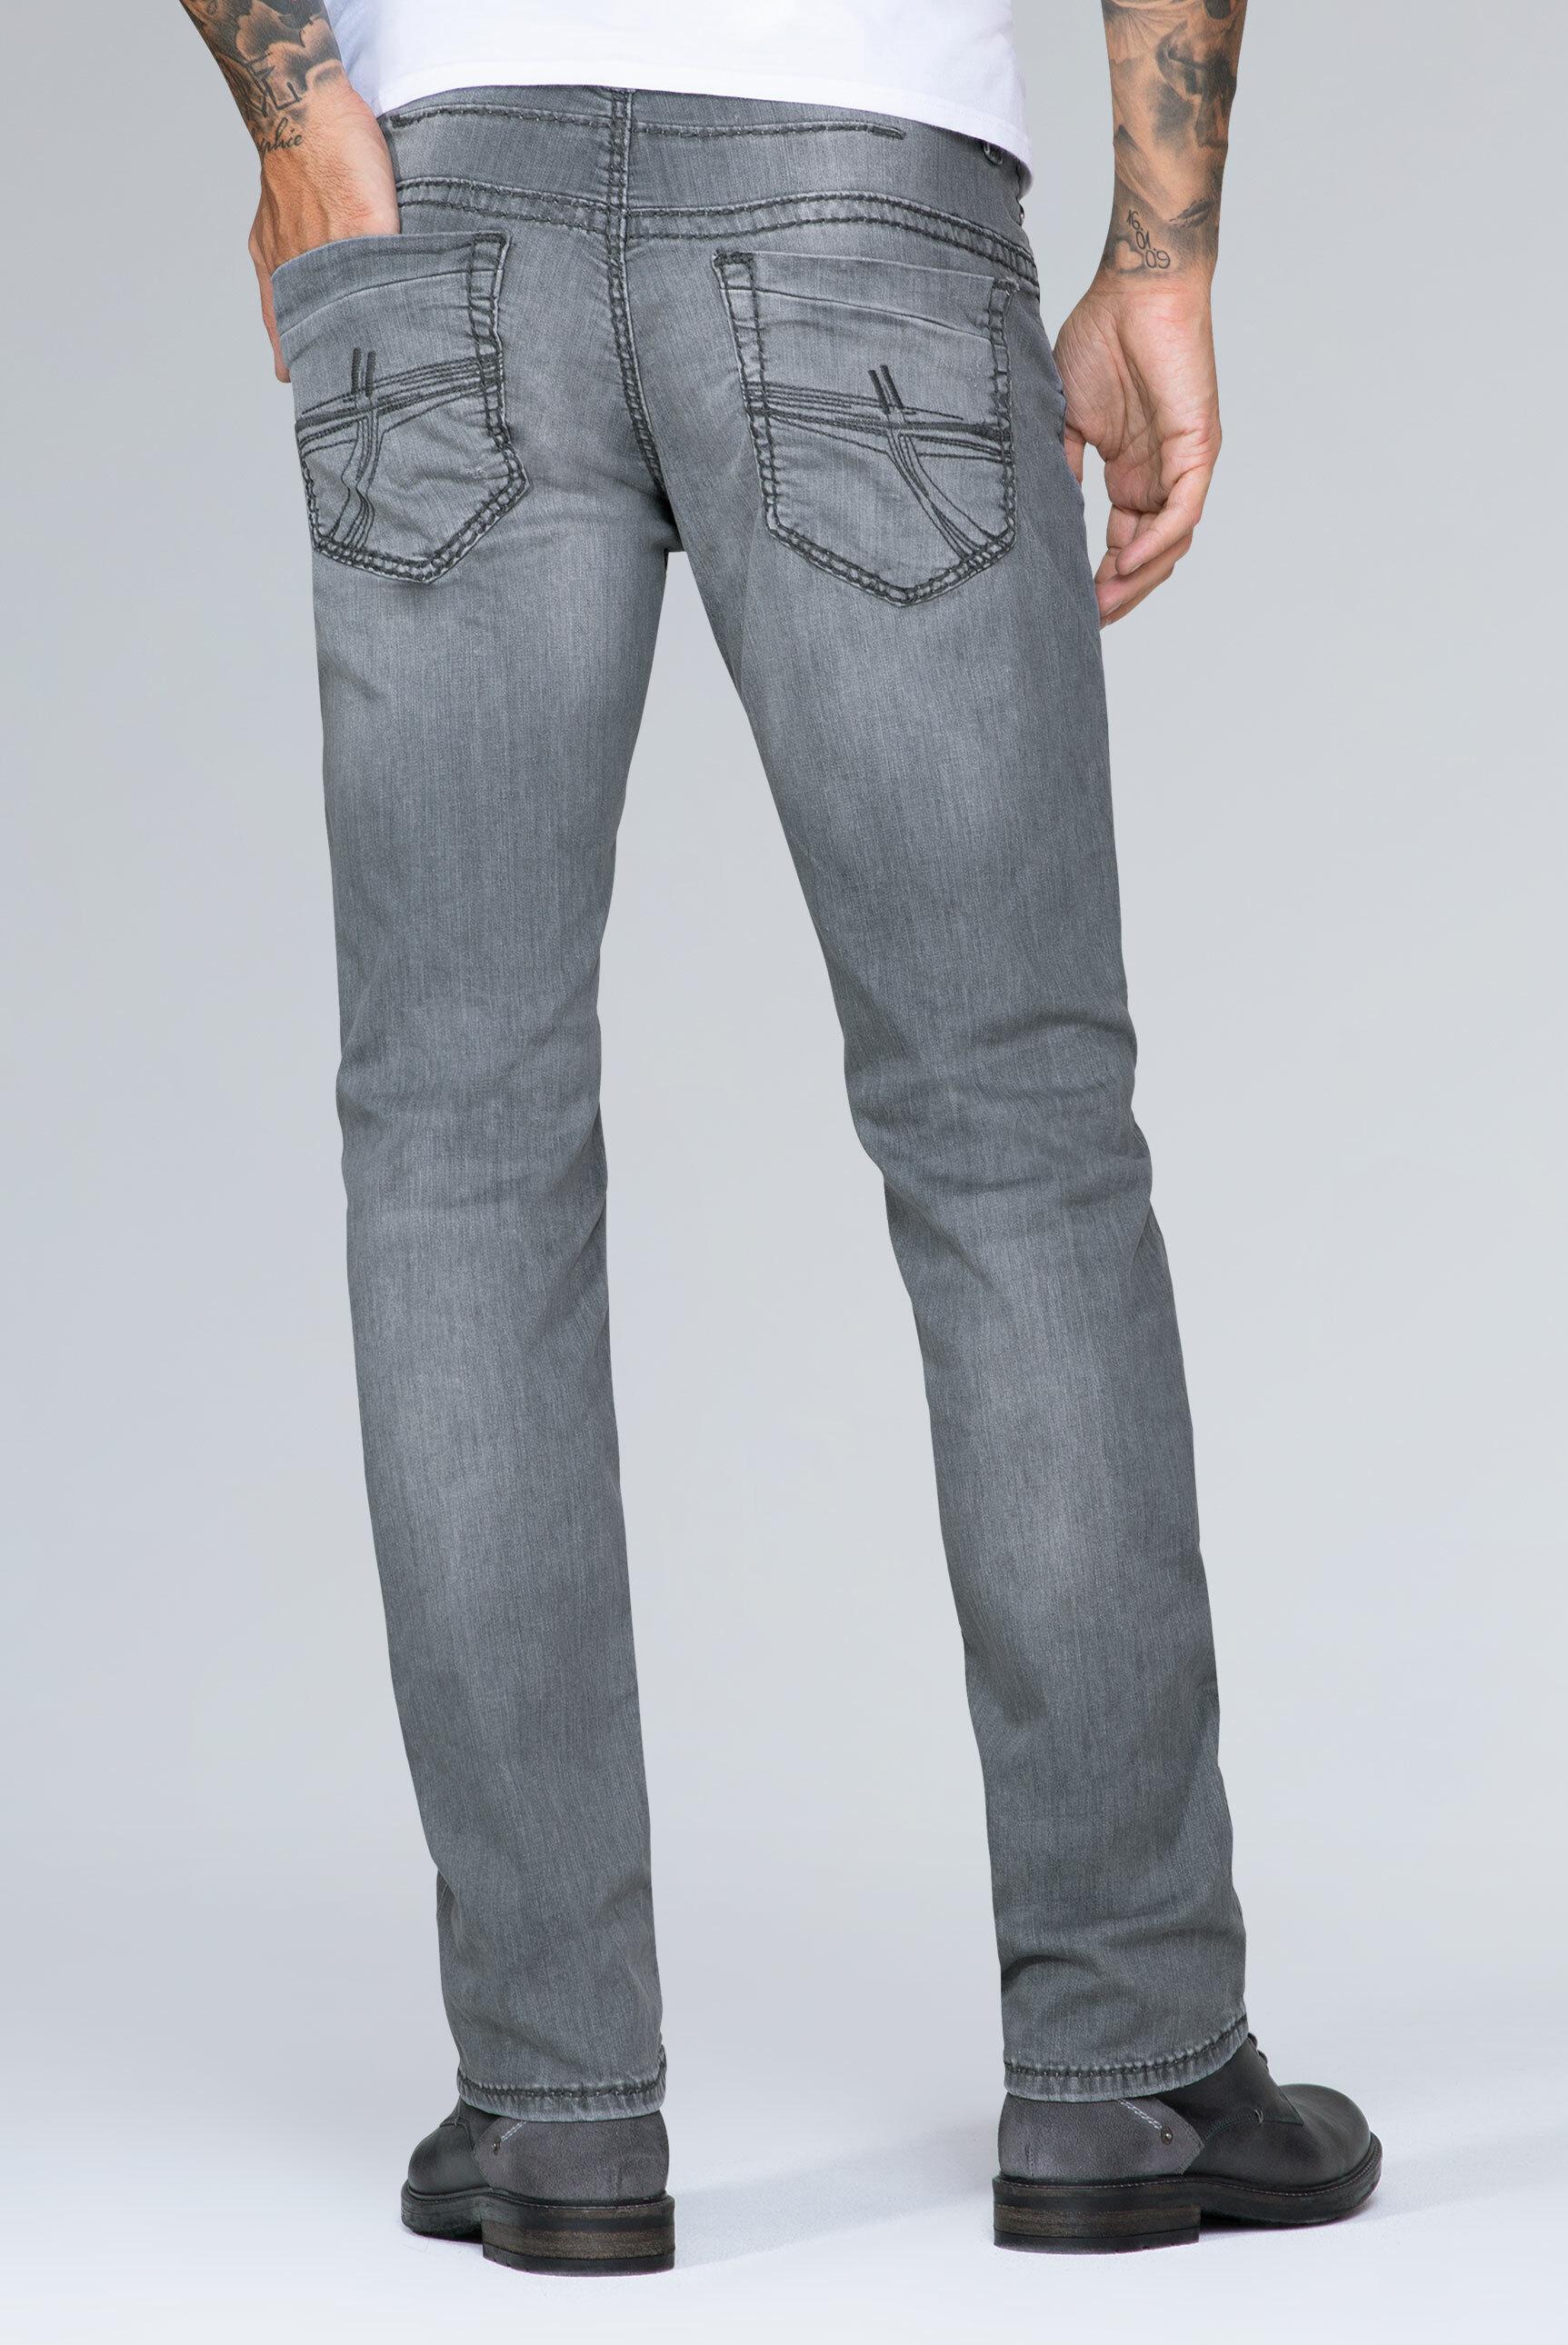 Jeans CO:NO im Vintage Look mit geradem Bein